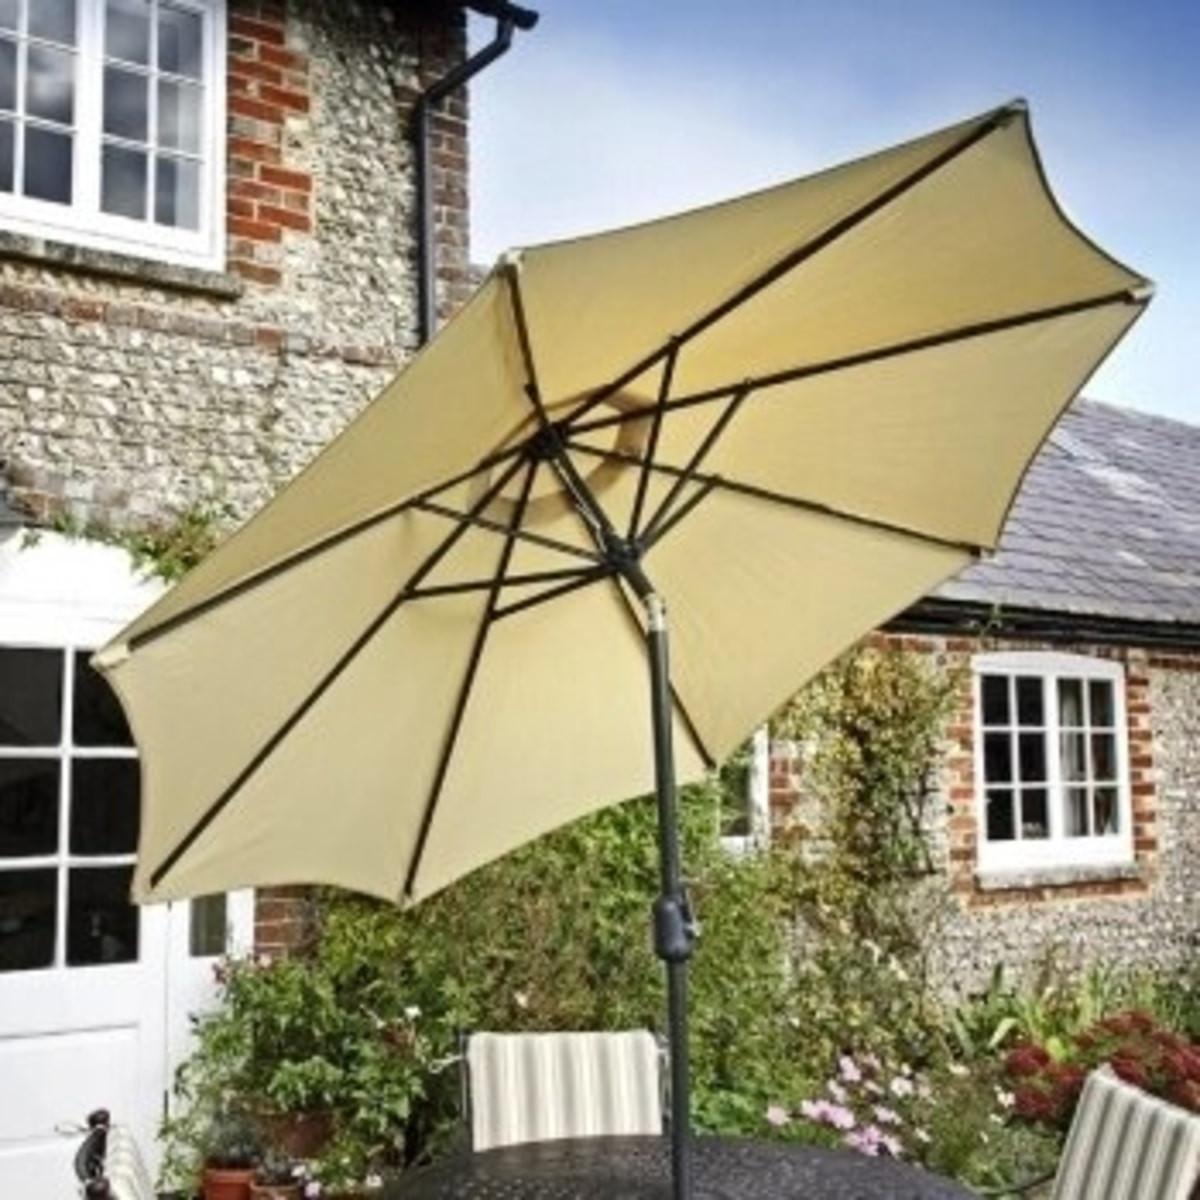 stone-parasol-preview